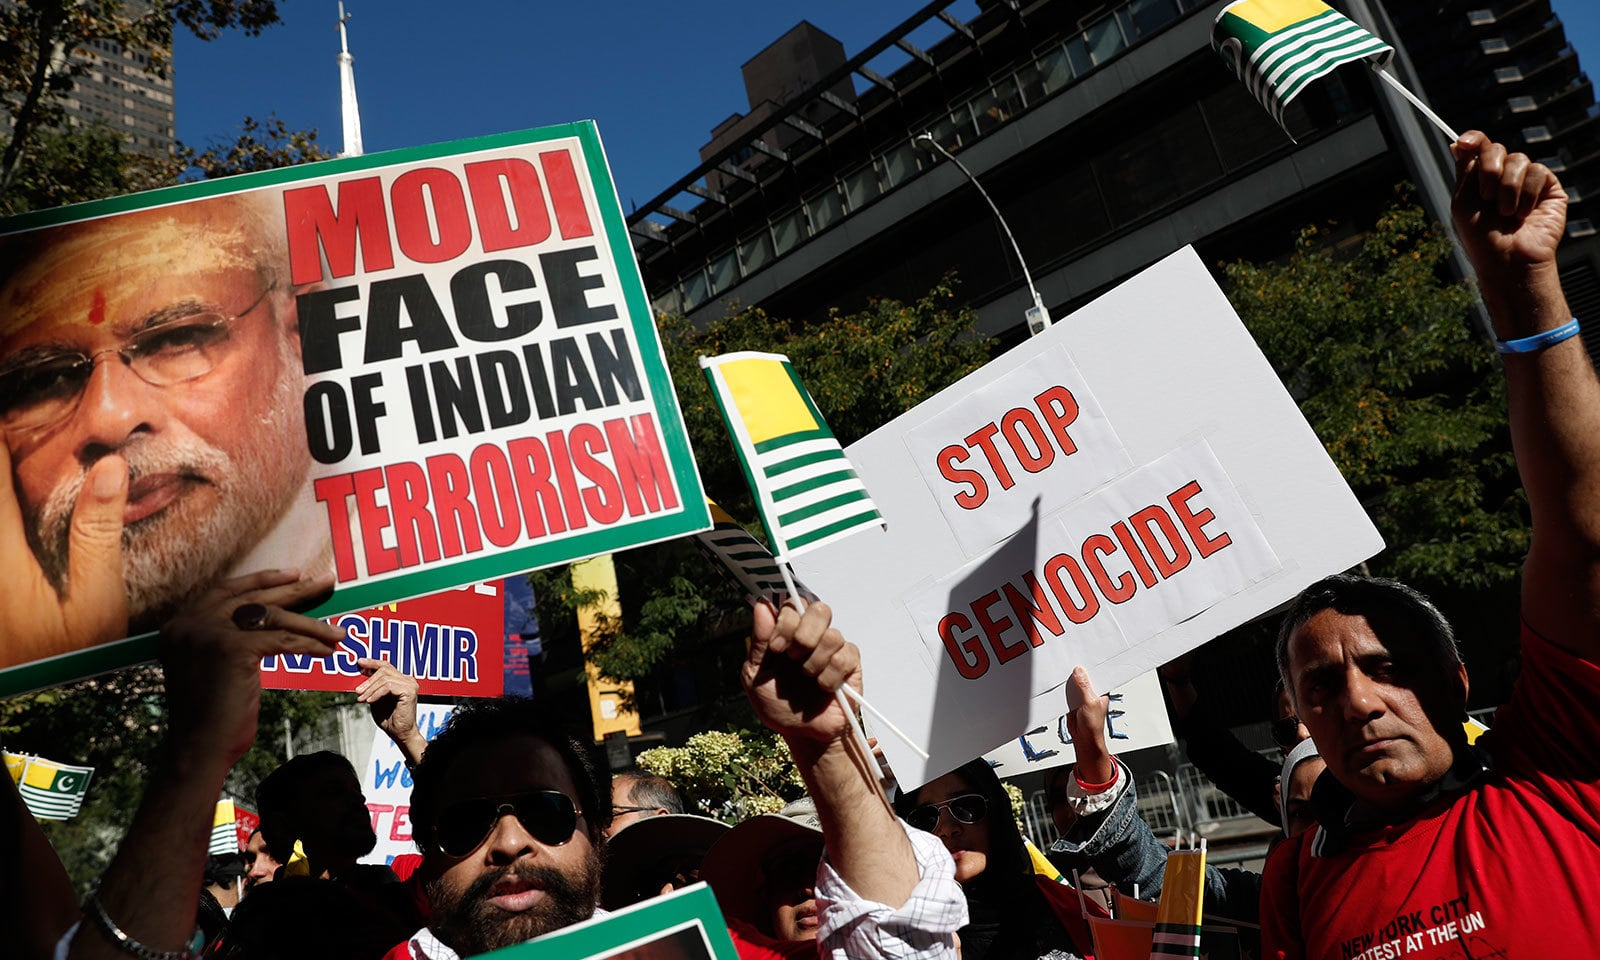 اقوام متحدہ کے دفتر کے باہر مظاہرین نے مودی کو بھارتی دہشت گردی کے چہرے کے طور پر دکھایا—فوٹو:رائٹرز